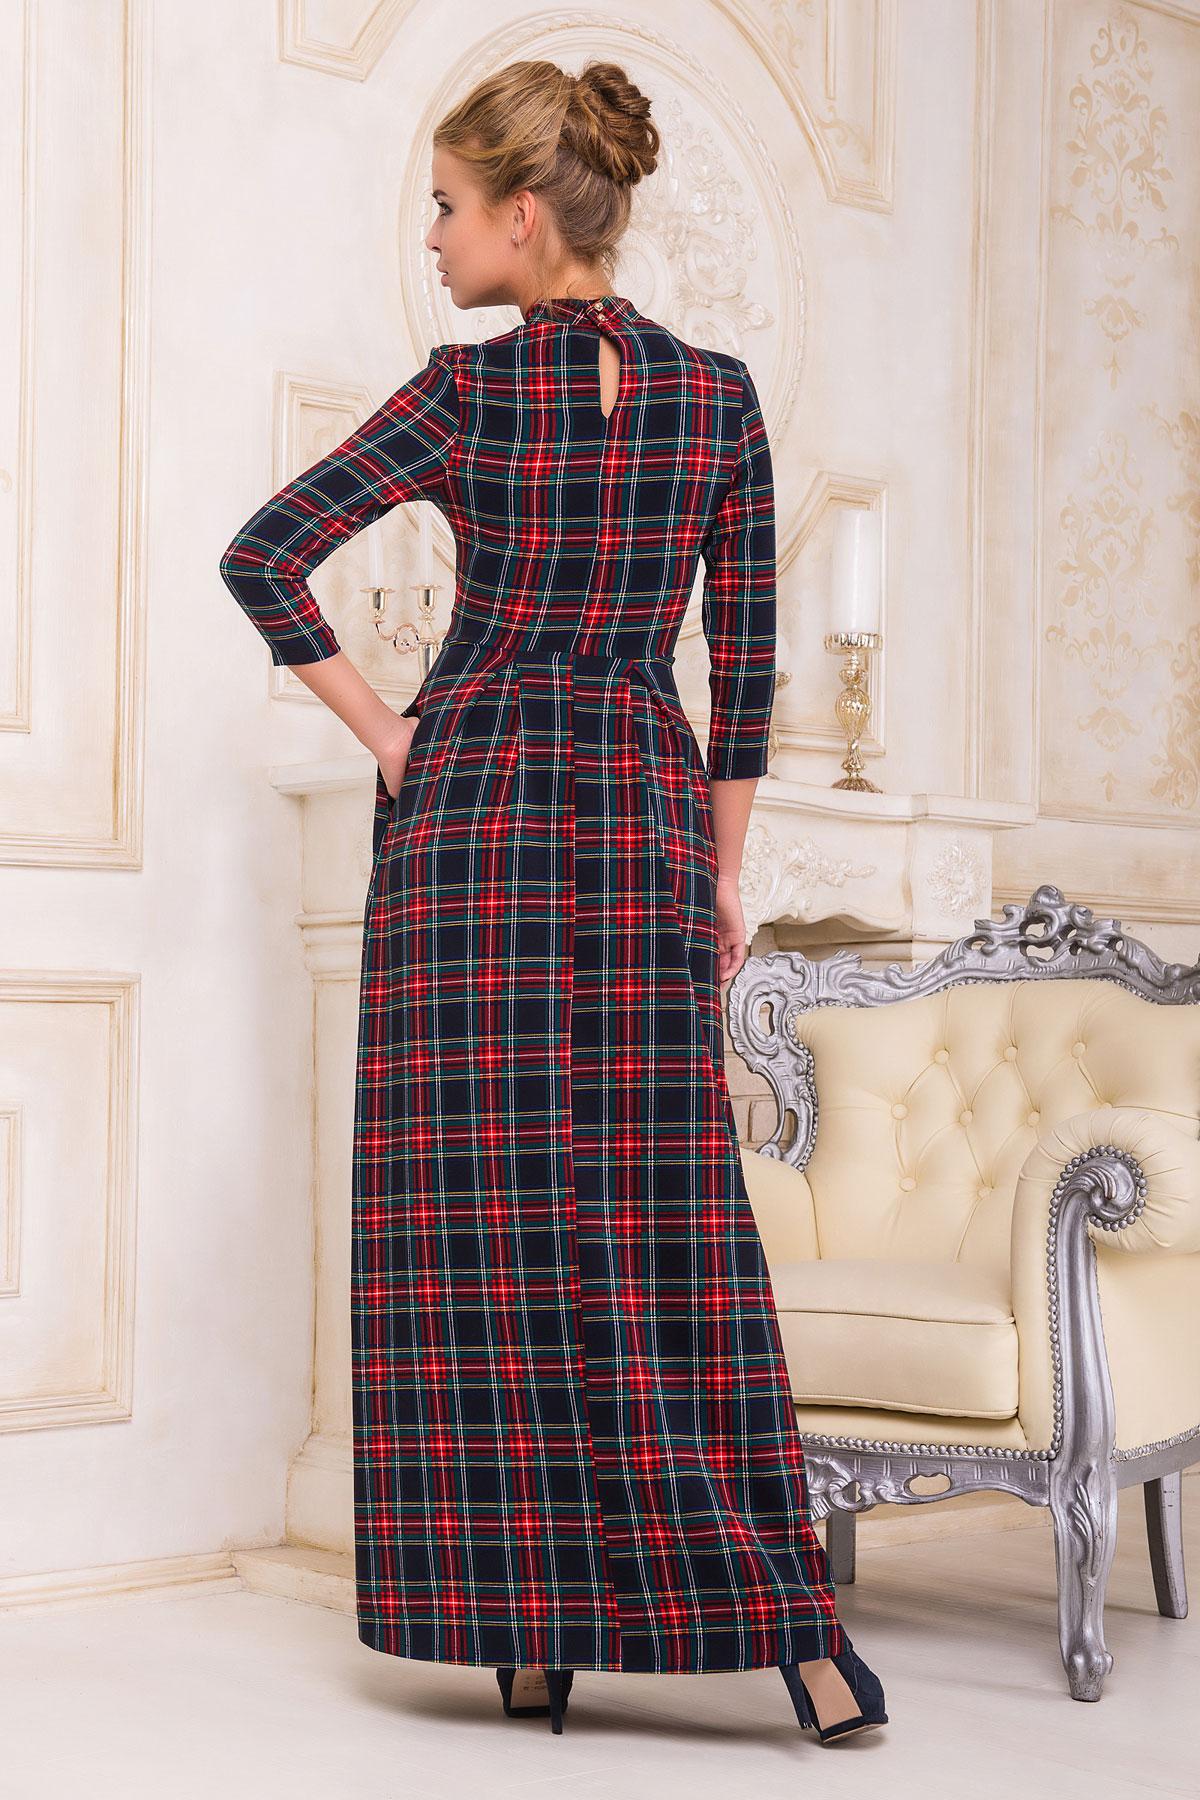 . платье Шарлота4 д/р. Цвет: синий-красная Б клетка